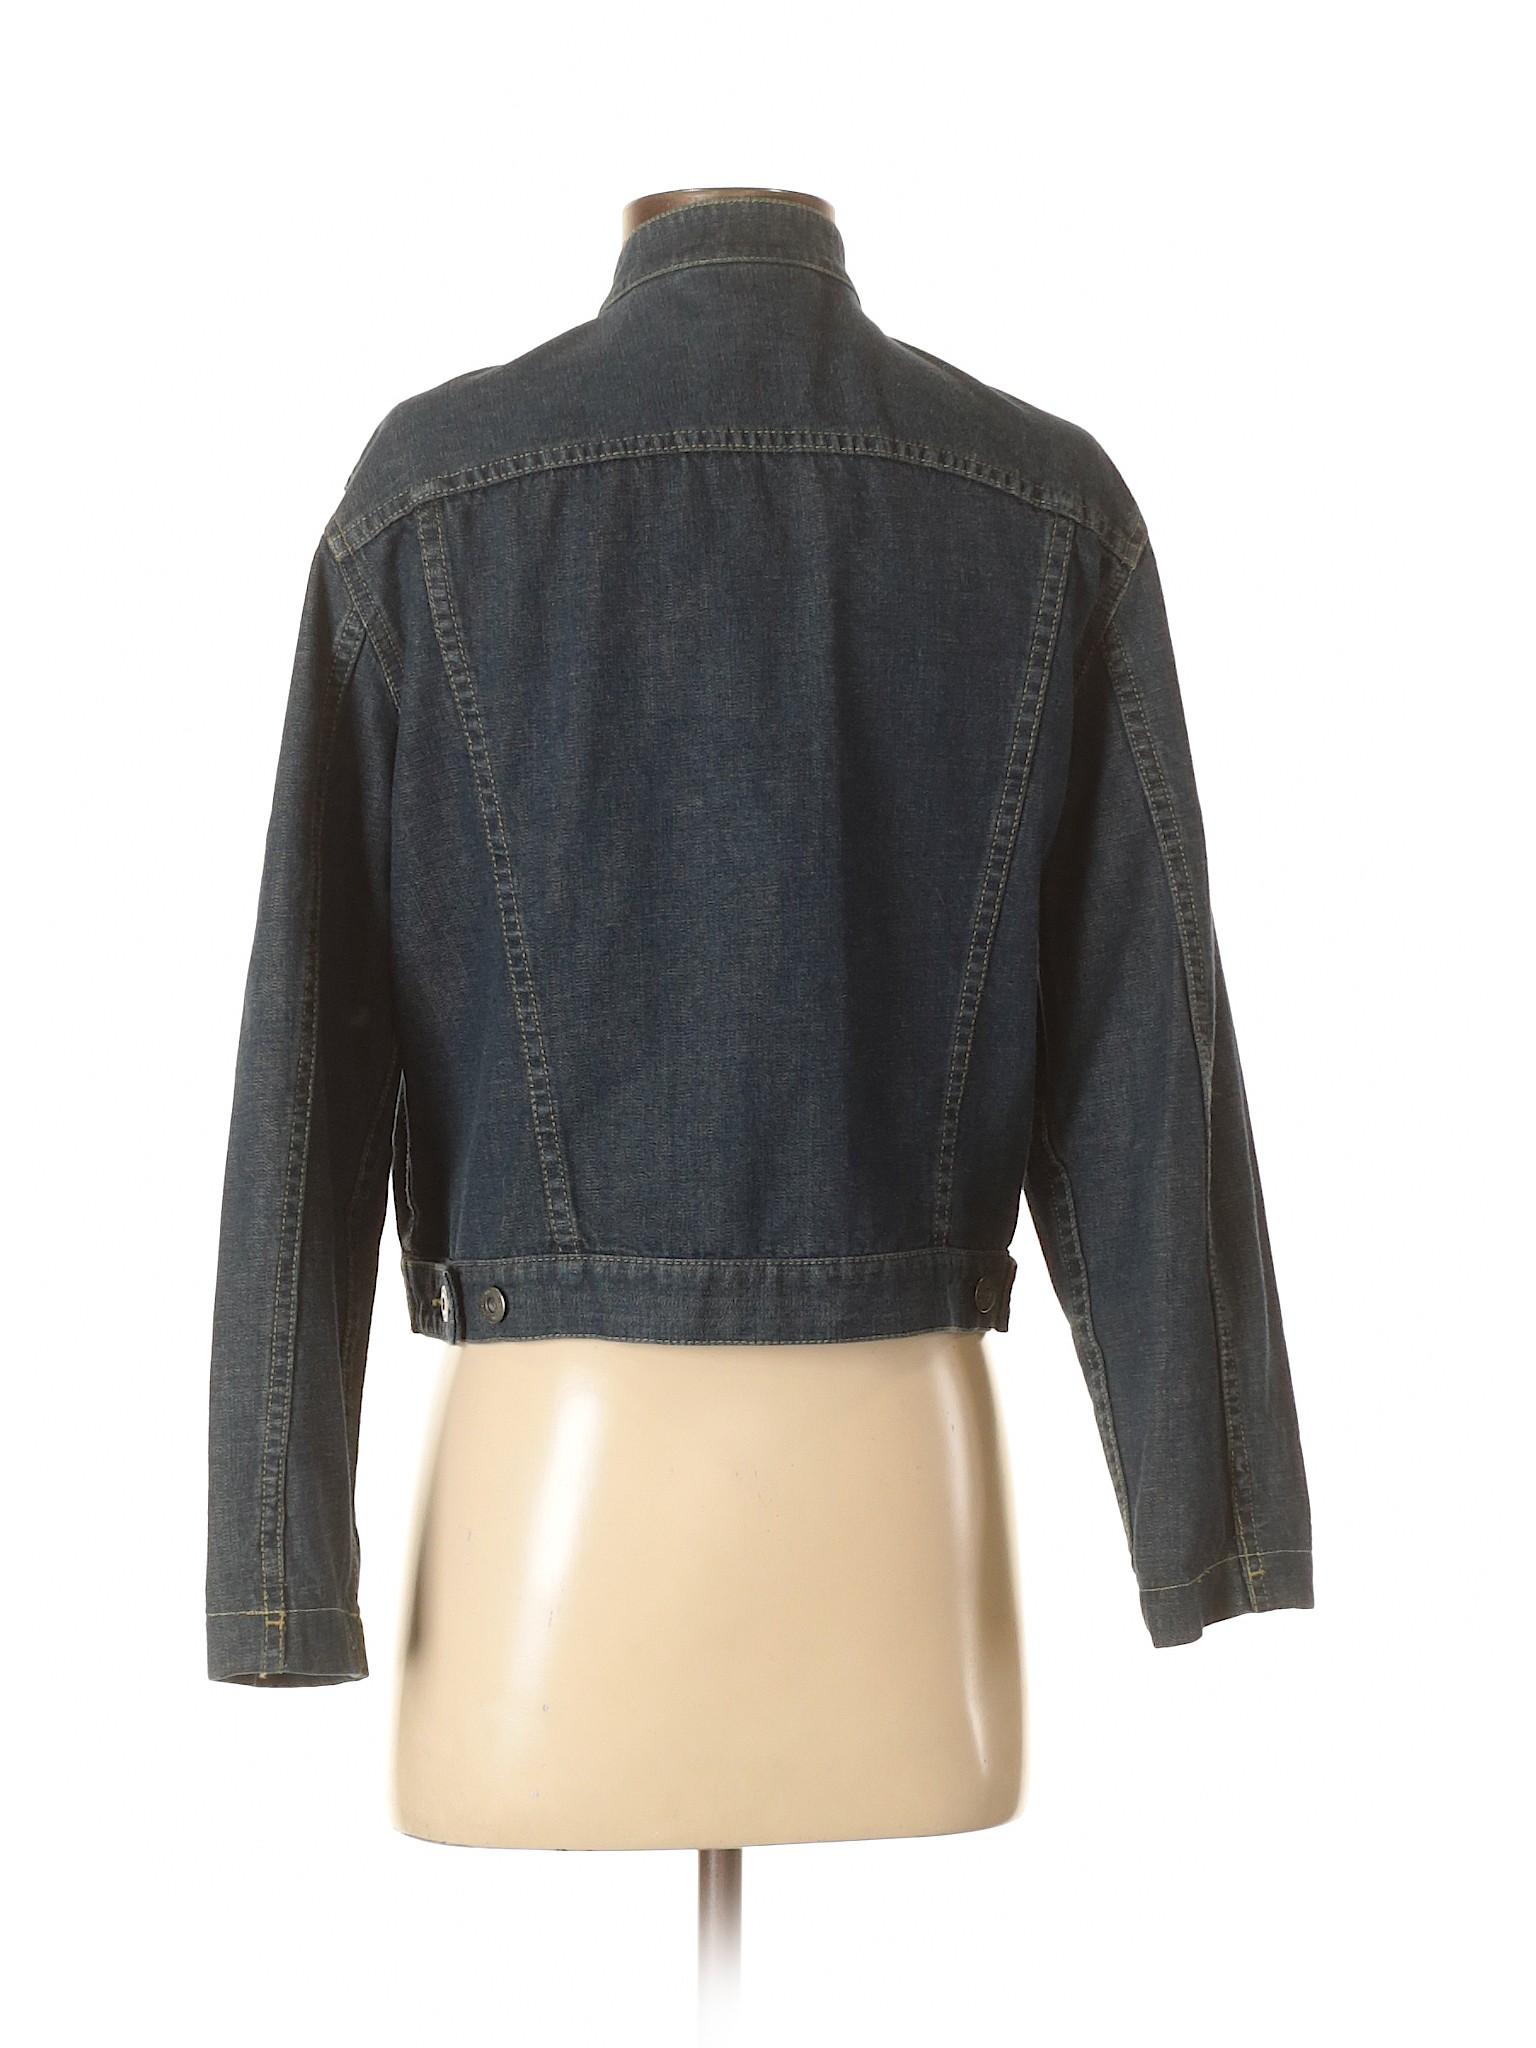 Liz Leisure Denim Jacket Claiborne winter 55rwSq8